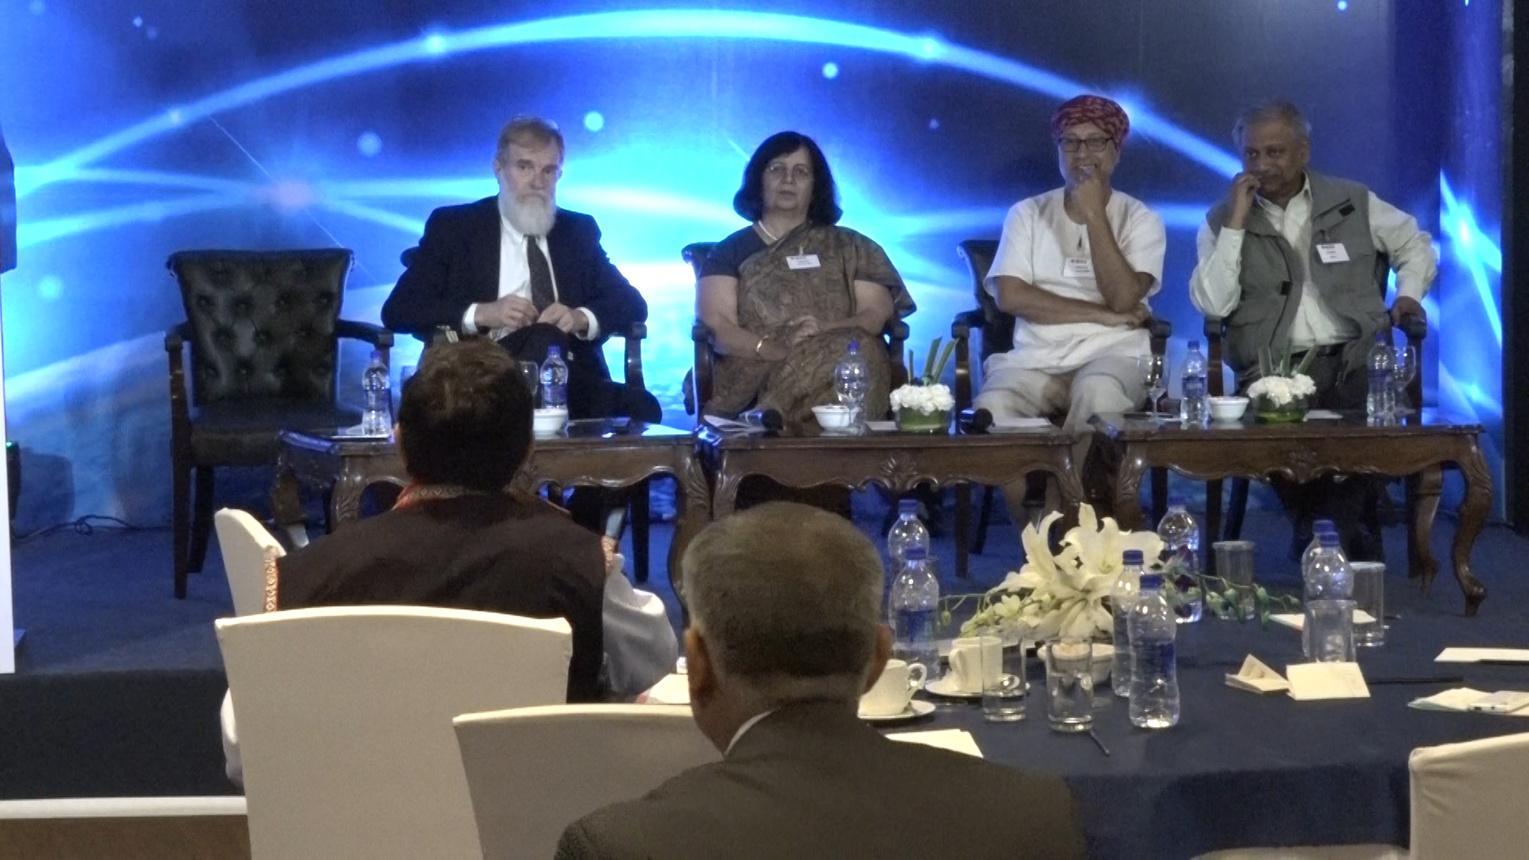 Panel Q&A - ETAP Delhi 2016